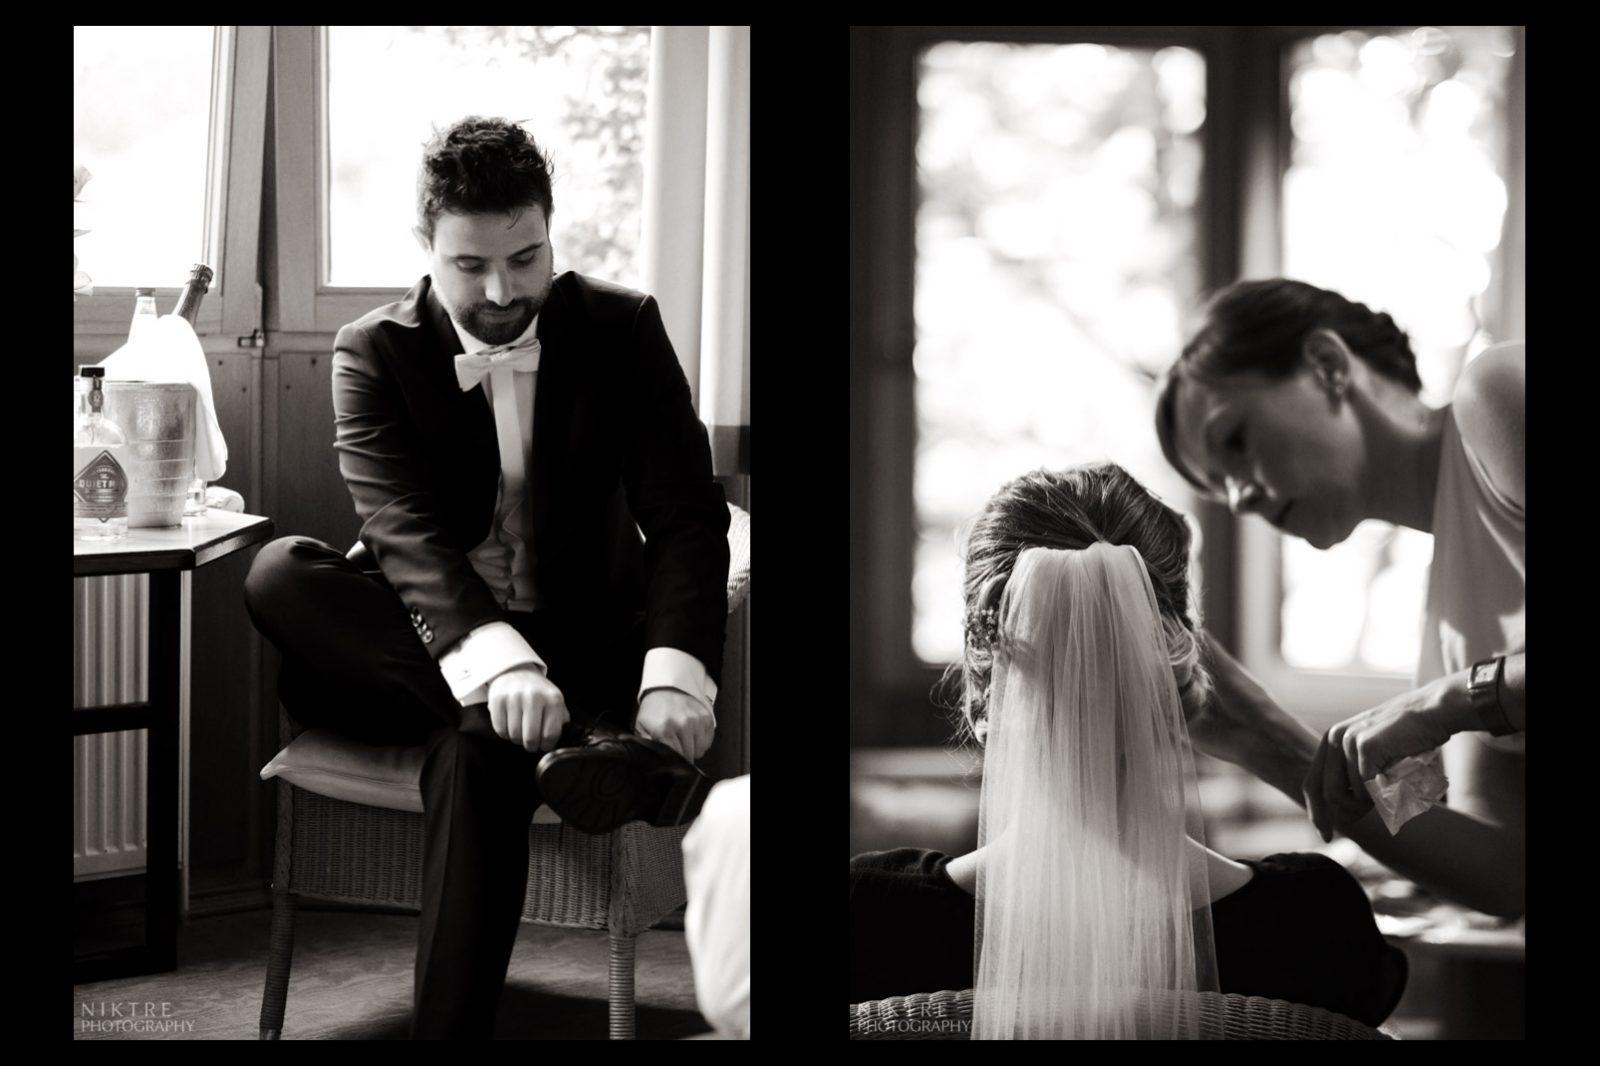 Bräutigam und Braut bereiten sich zur Zeremonie vor